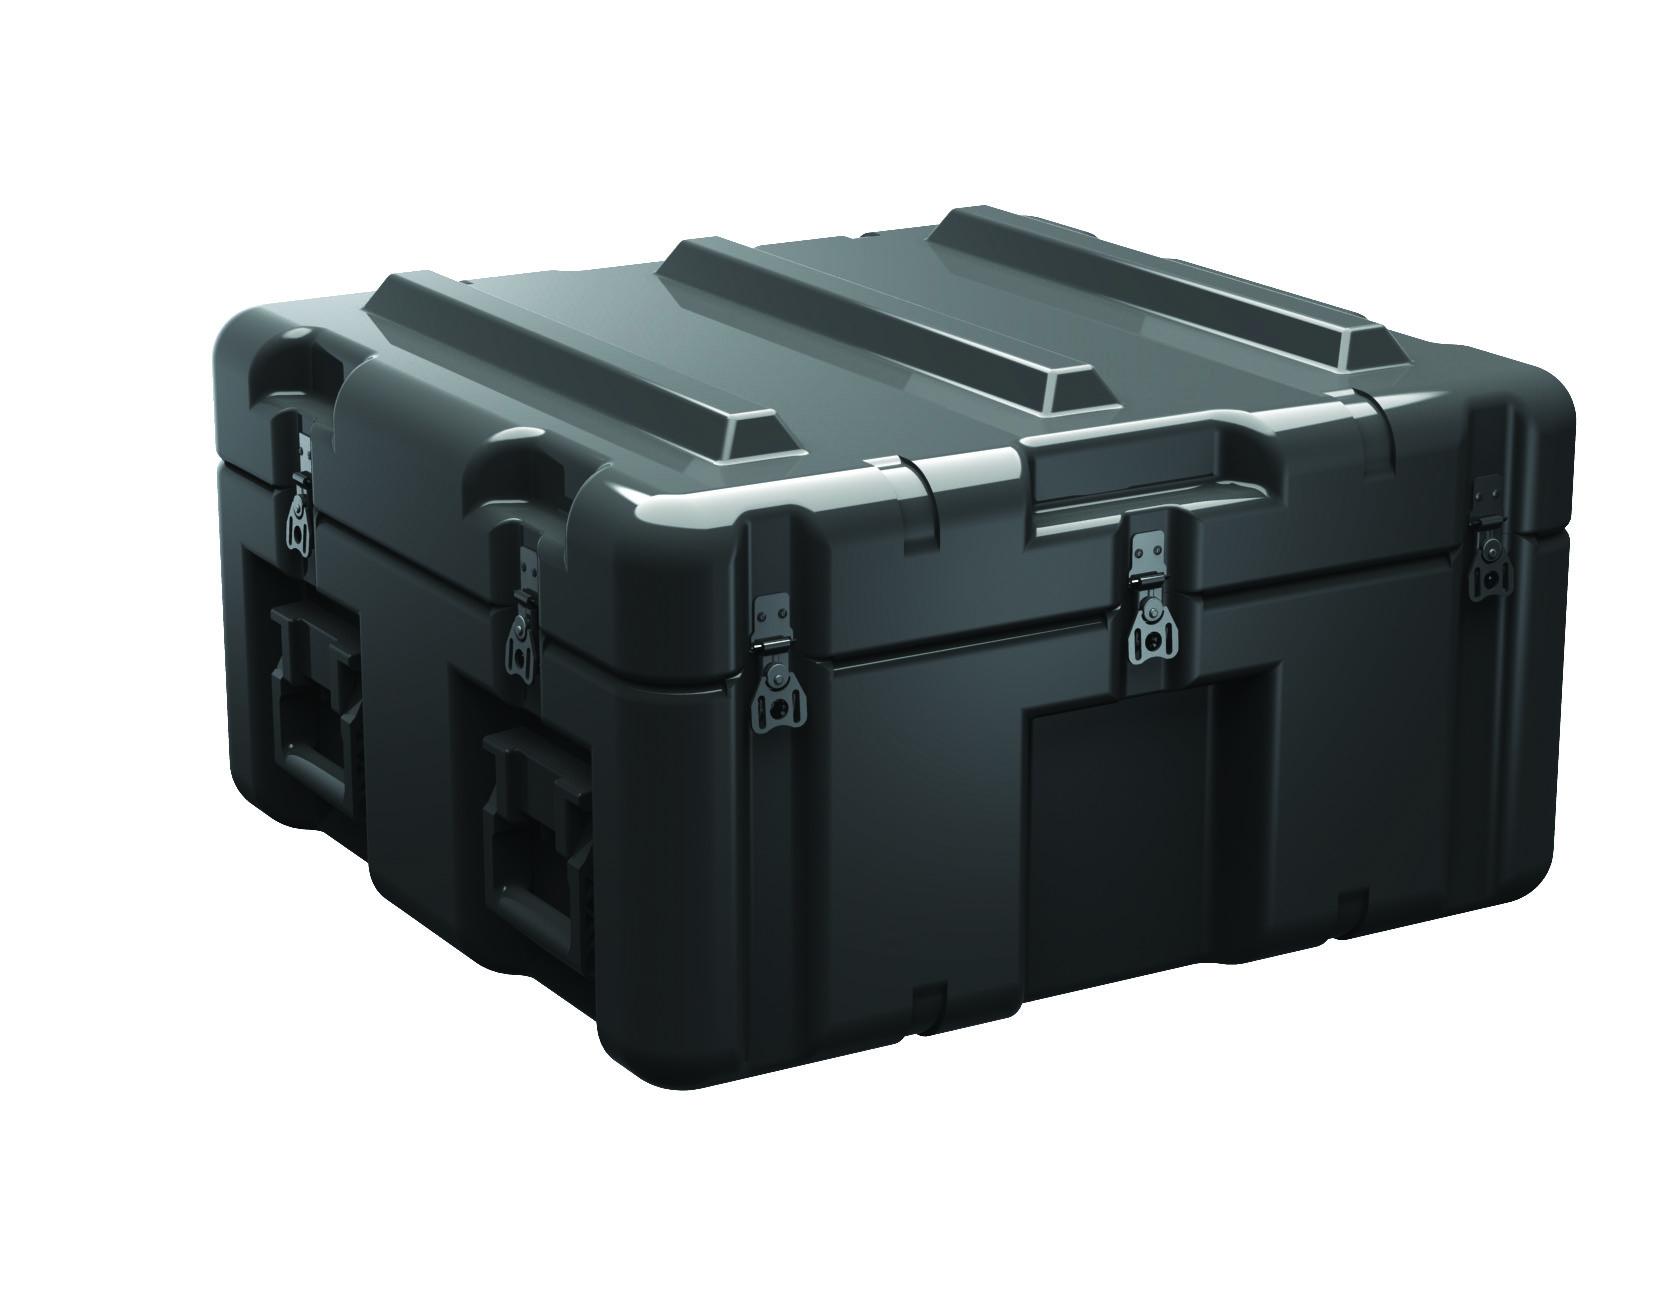 AL2423-0904 - AL1010-0904 Pelican Cases Hardigg Military Cases